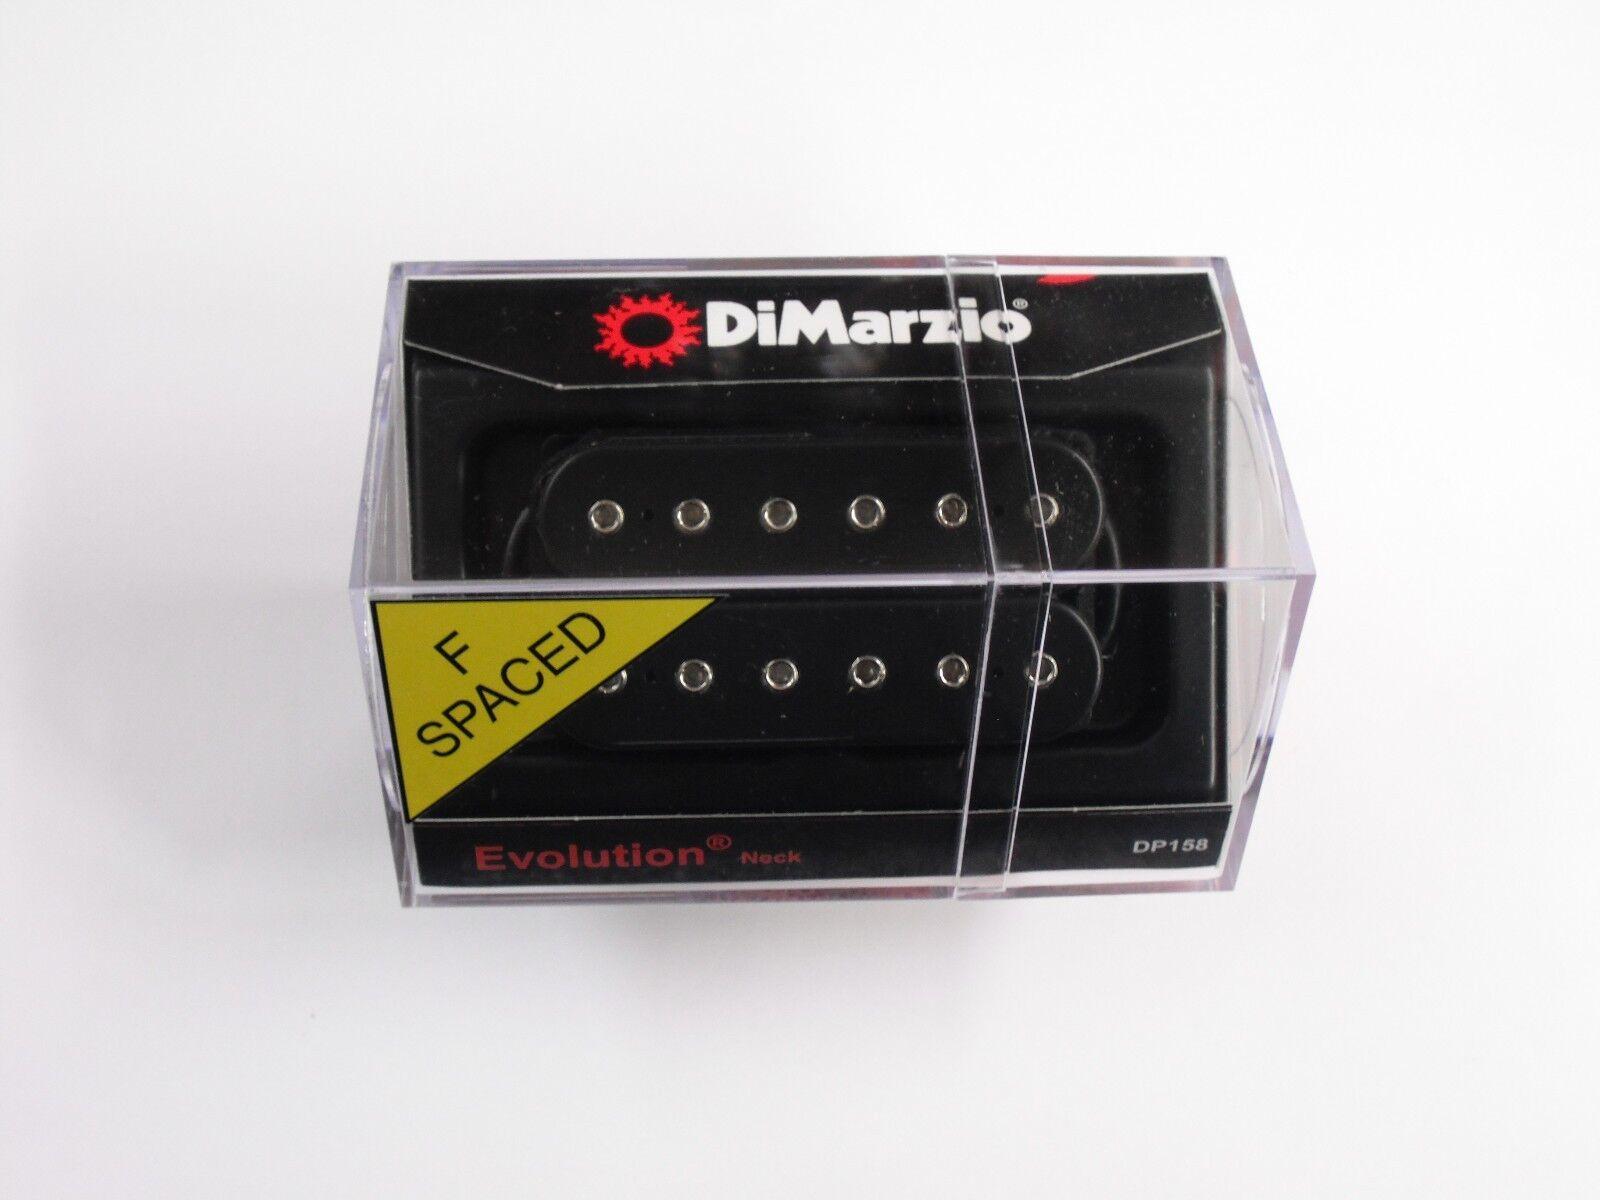 Dimarzio Dimarzio Dimarzio F-espaciados evolución Humbucker cuello negra con postes de Cromo DP 158 c7557e